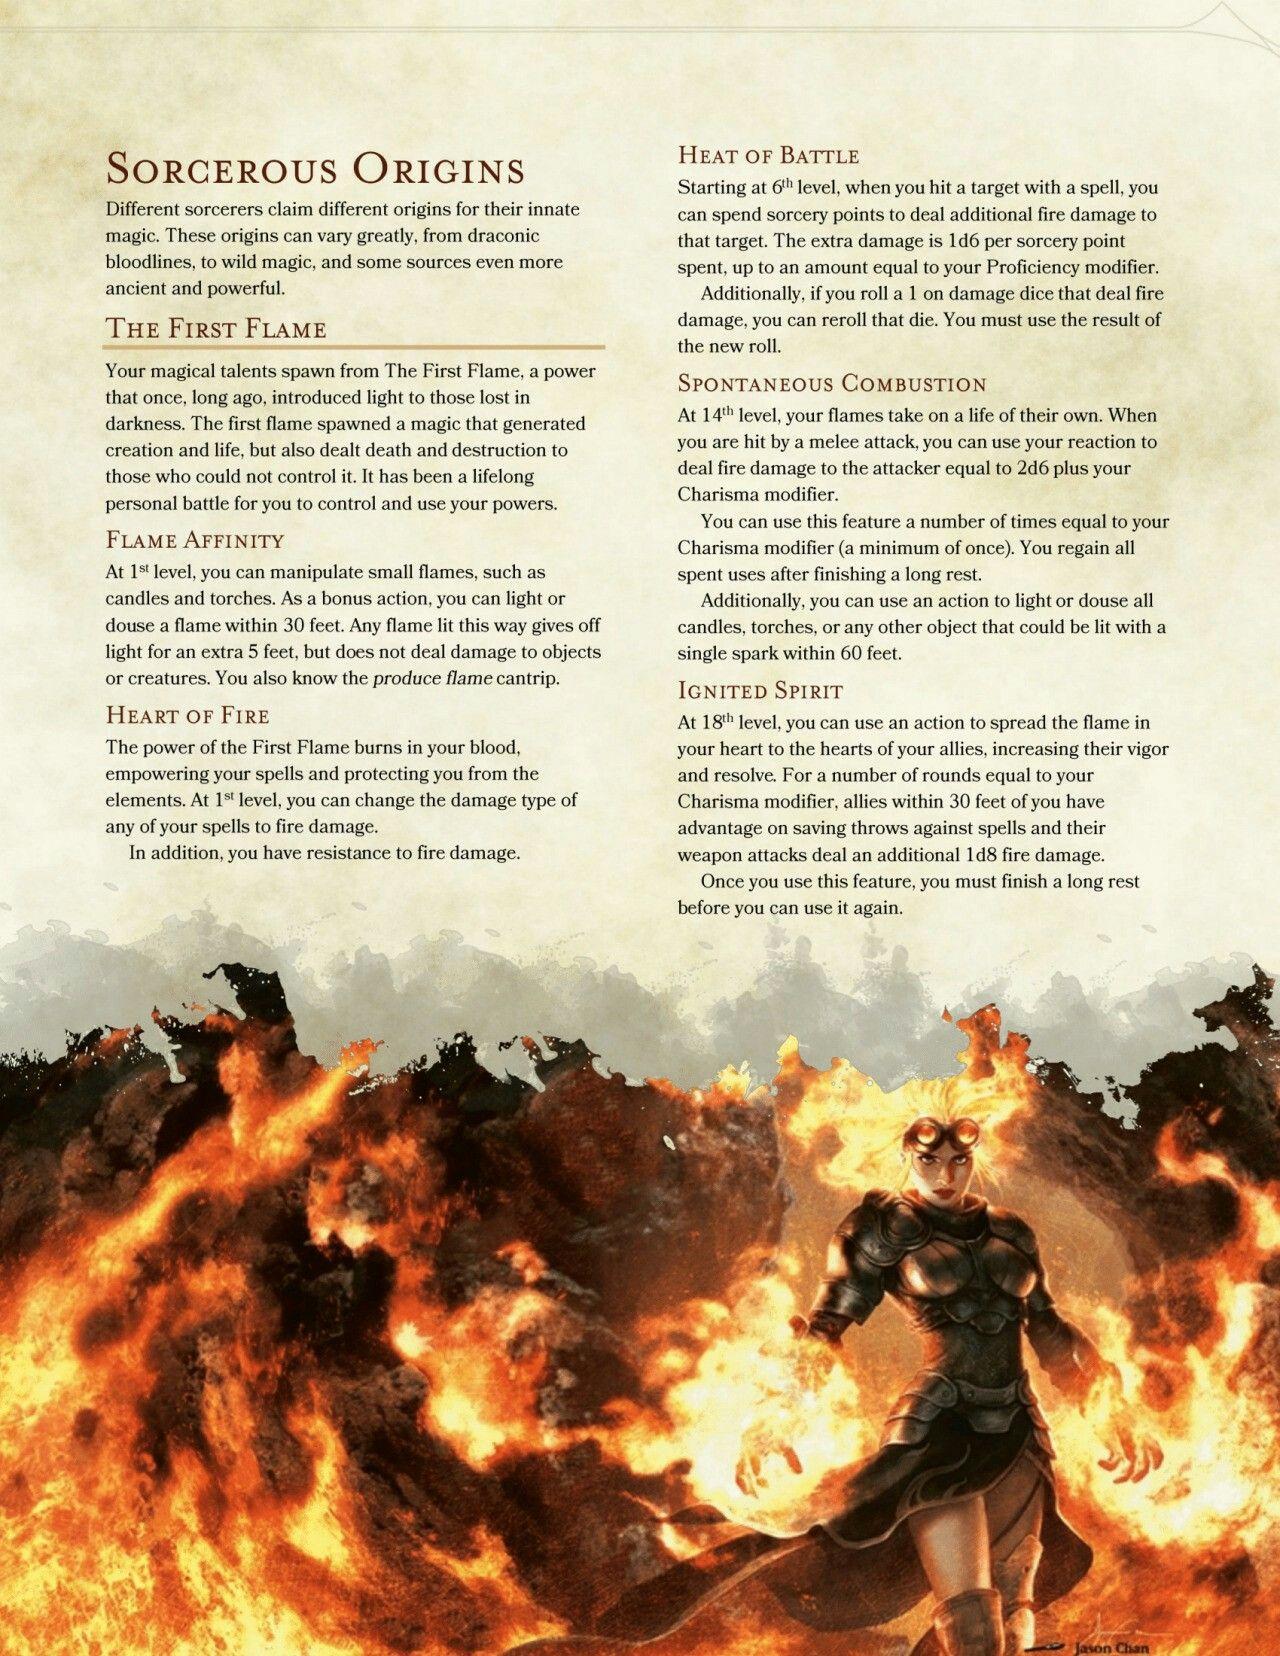 sorcerer archetypes